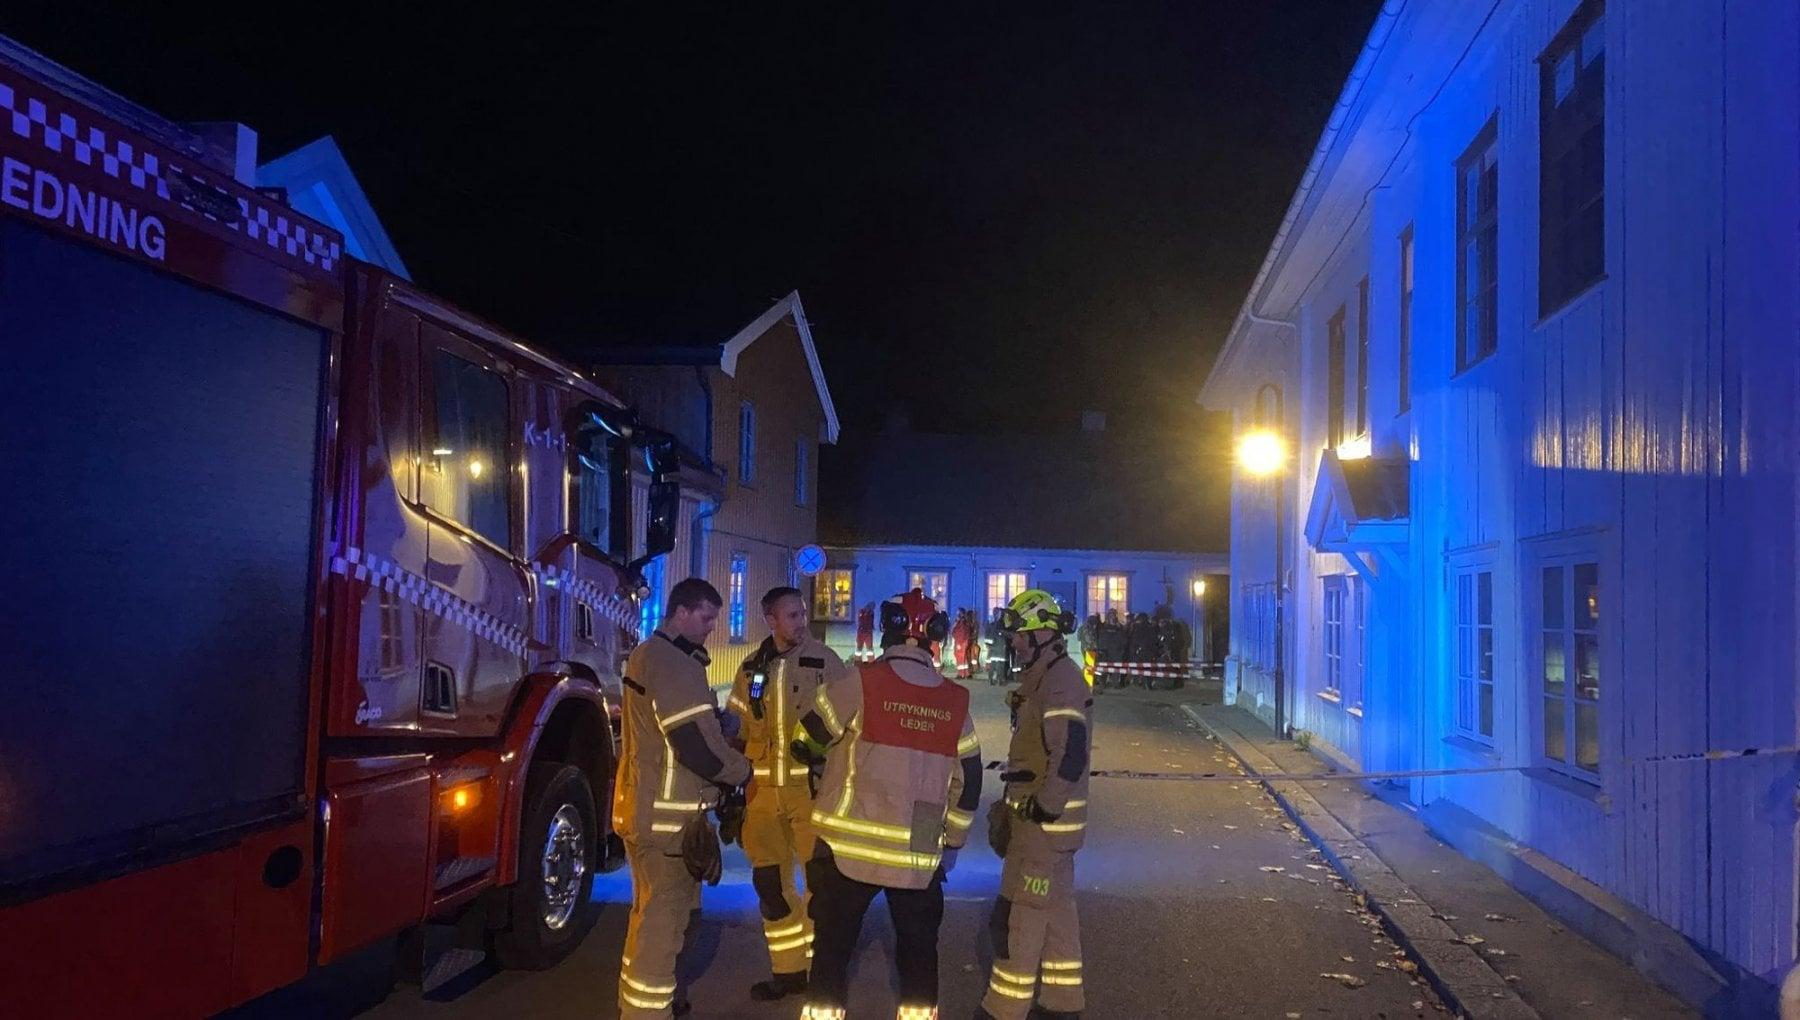 212529723 76810cdd d898 435b 9aac 1bcff8efdf8e - Norvegia, diverse persone uccise e ferite da un uomo armato di arco e frecce